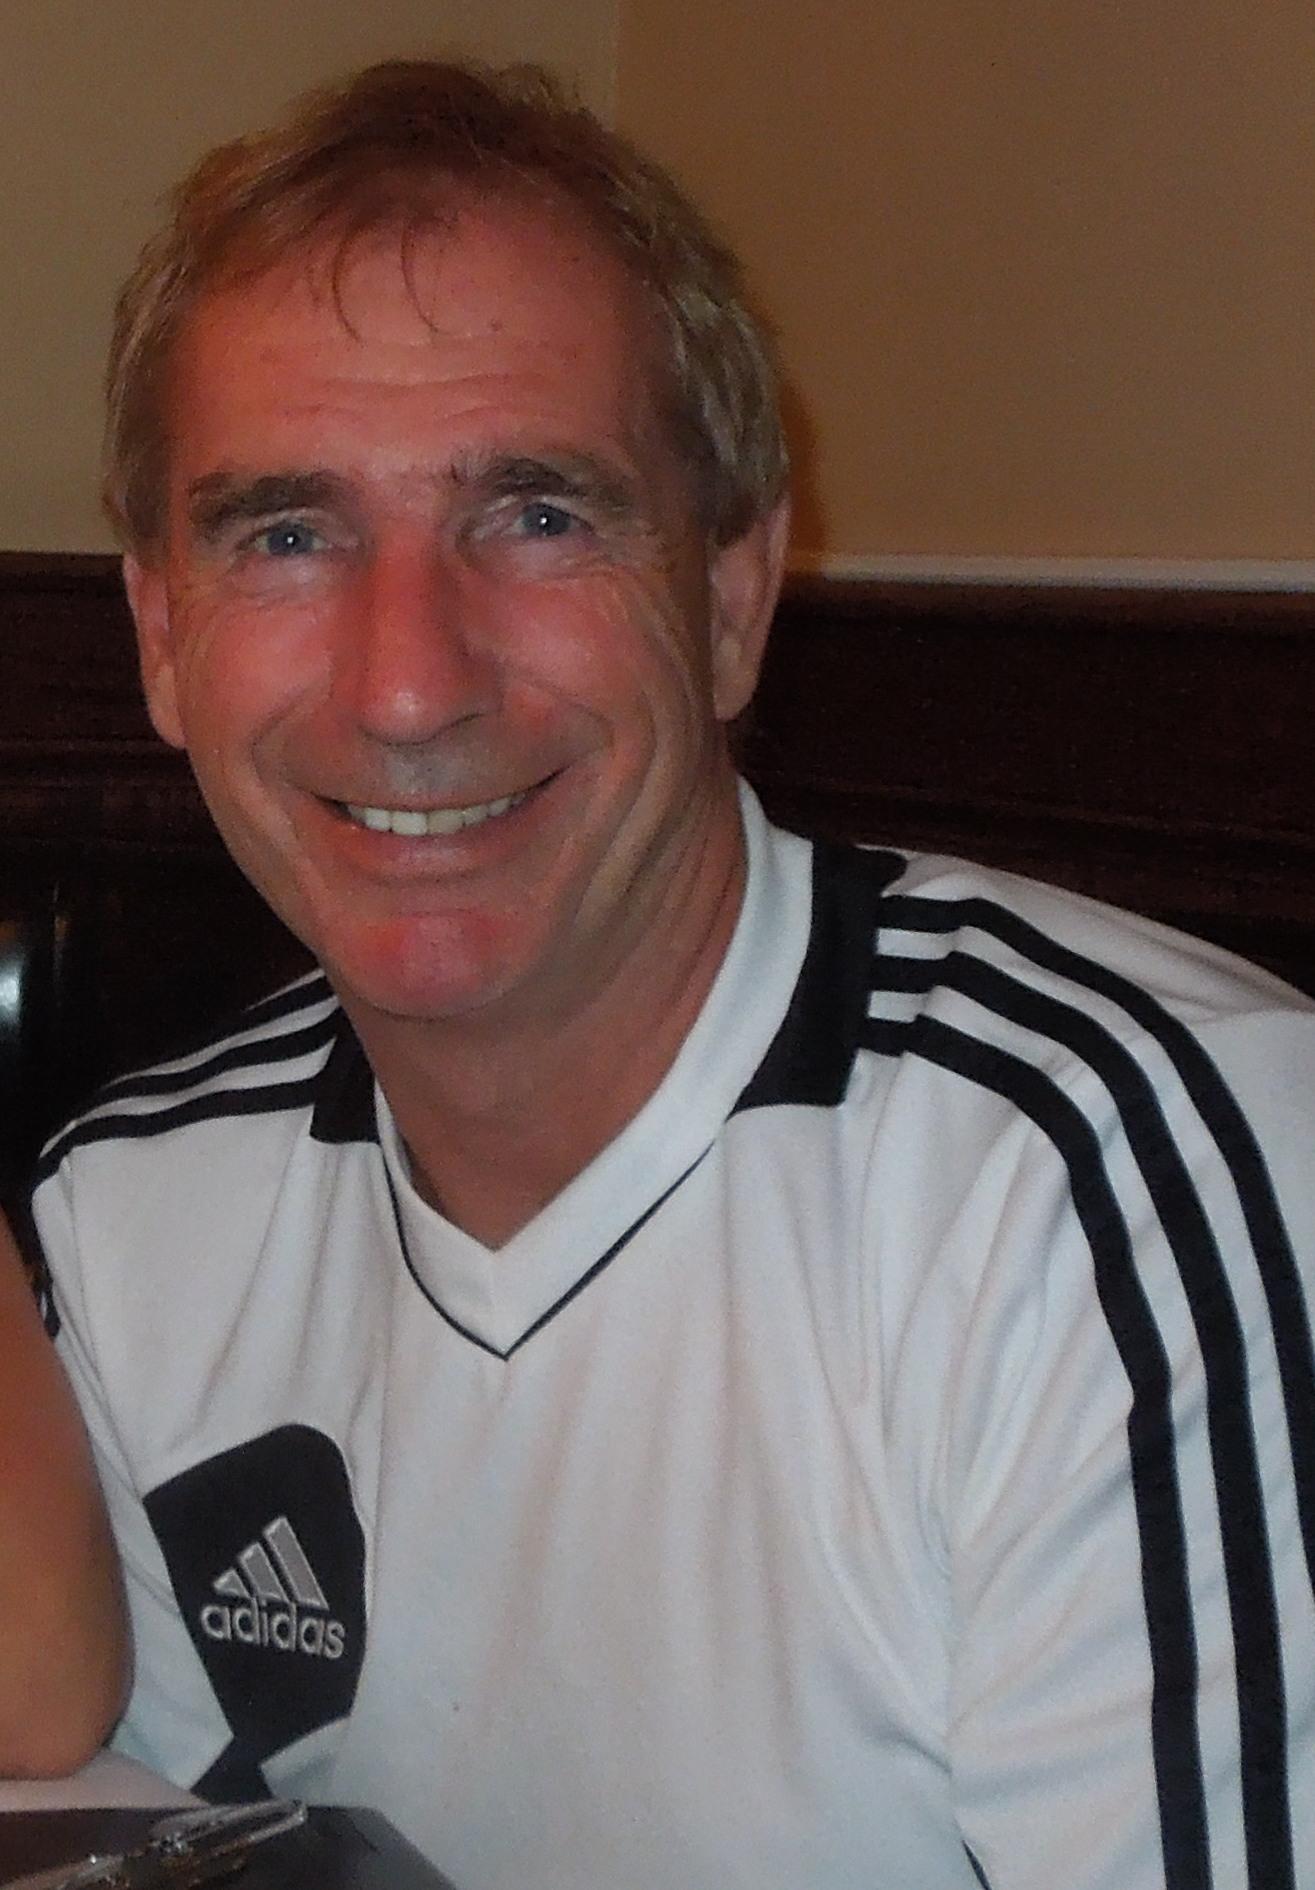 Iain Robertson (born 1981) Iain Robertson (born 1981) new photo